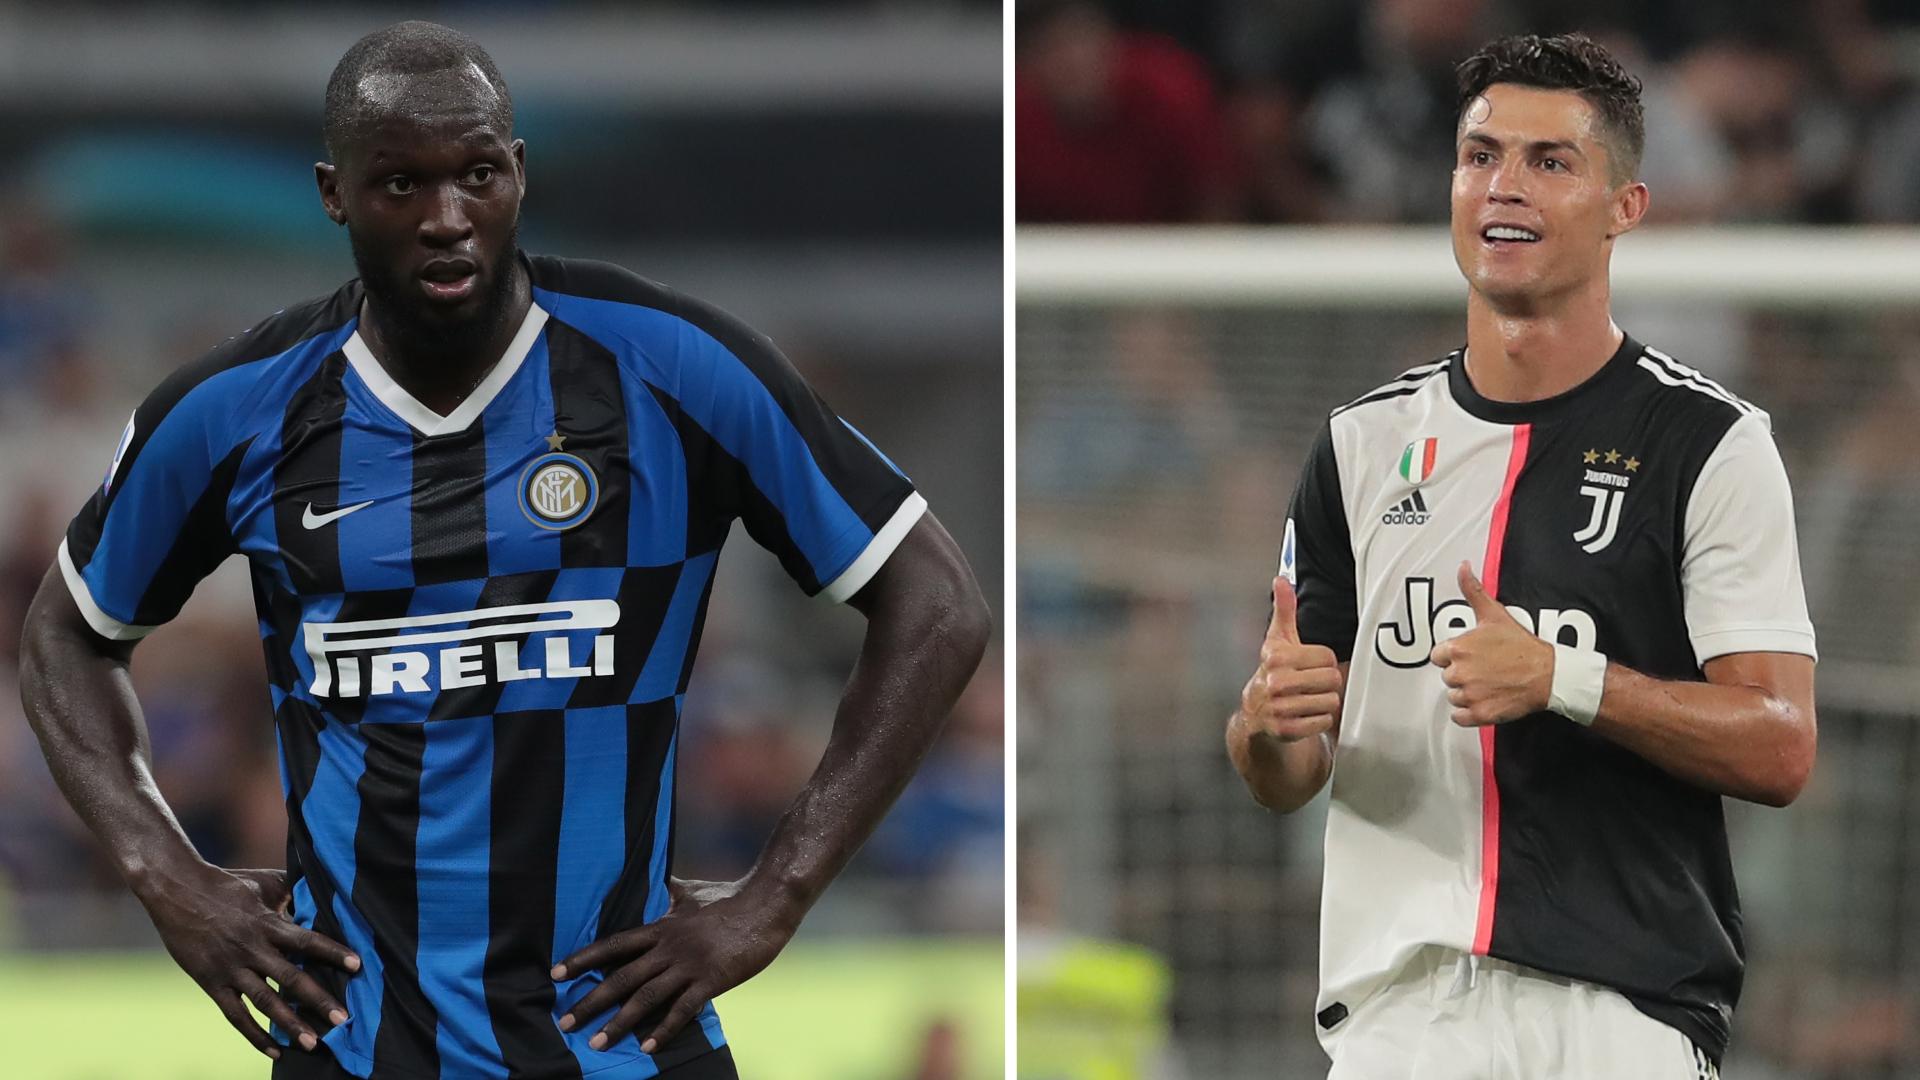 Lukaku nâng tổng số bàn thắng cho Inter tại Serie A lên 18, chính thức bước vào cuộc chiến giành Chiếc Giày Vàng với Ronaldo